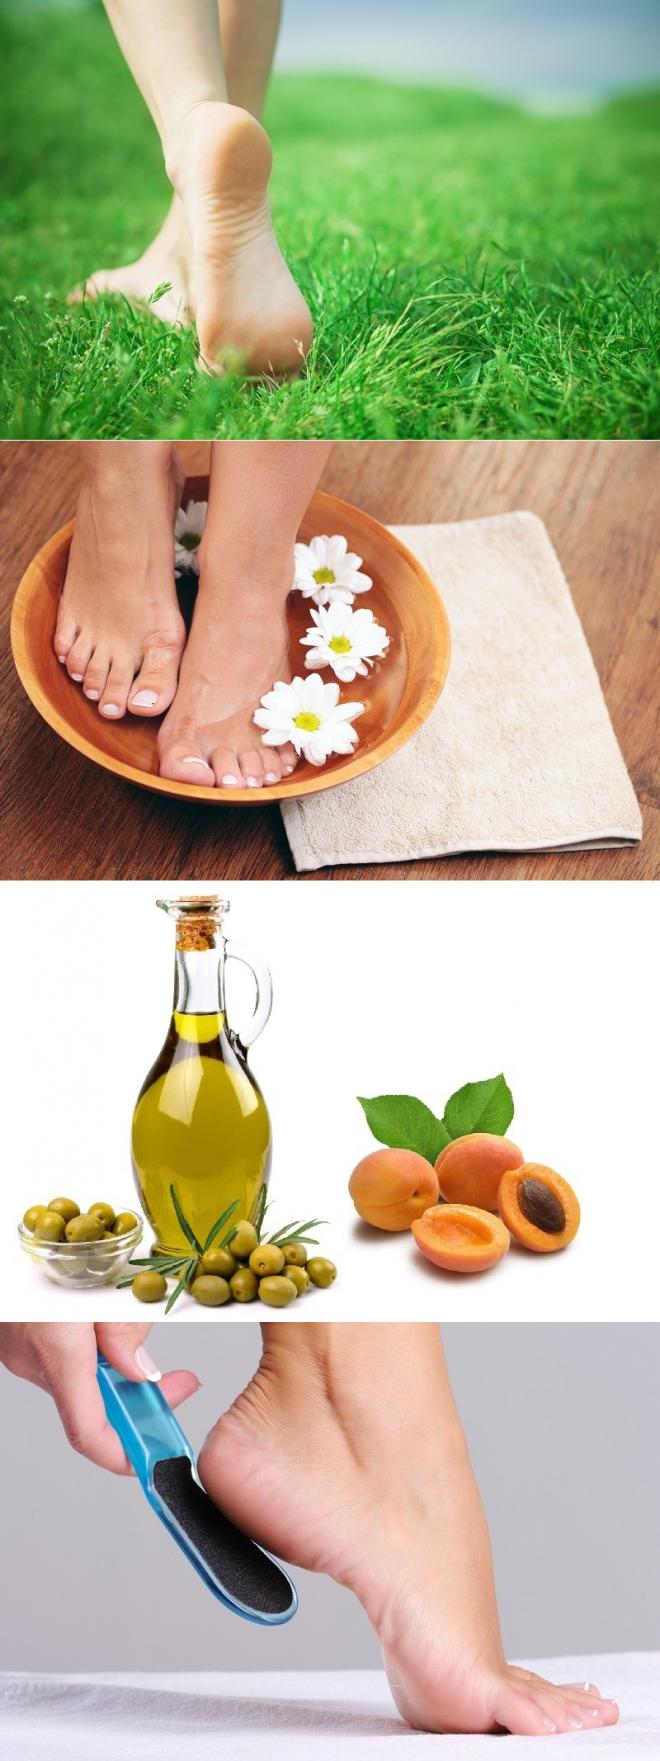 Маска из глицерина для пяток: смягчение и лечение кожи ног